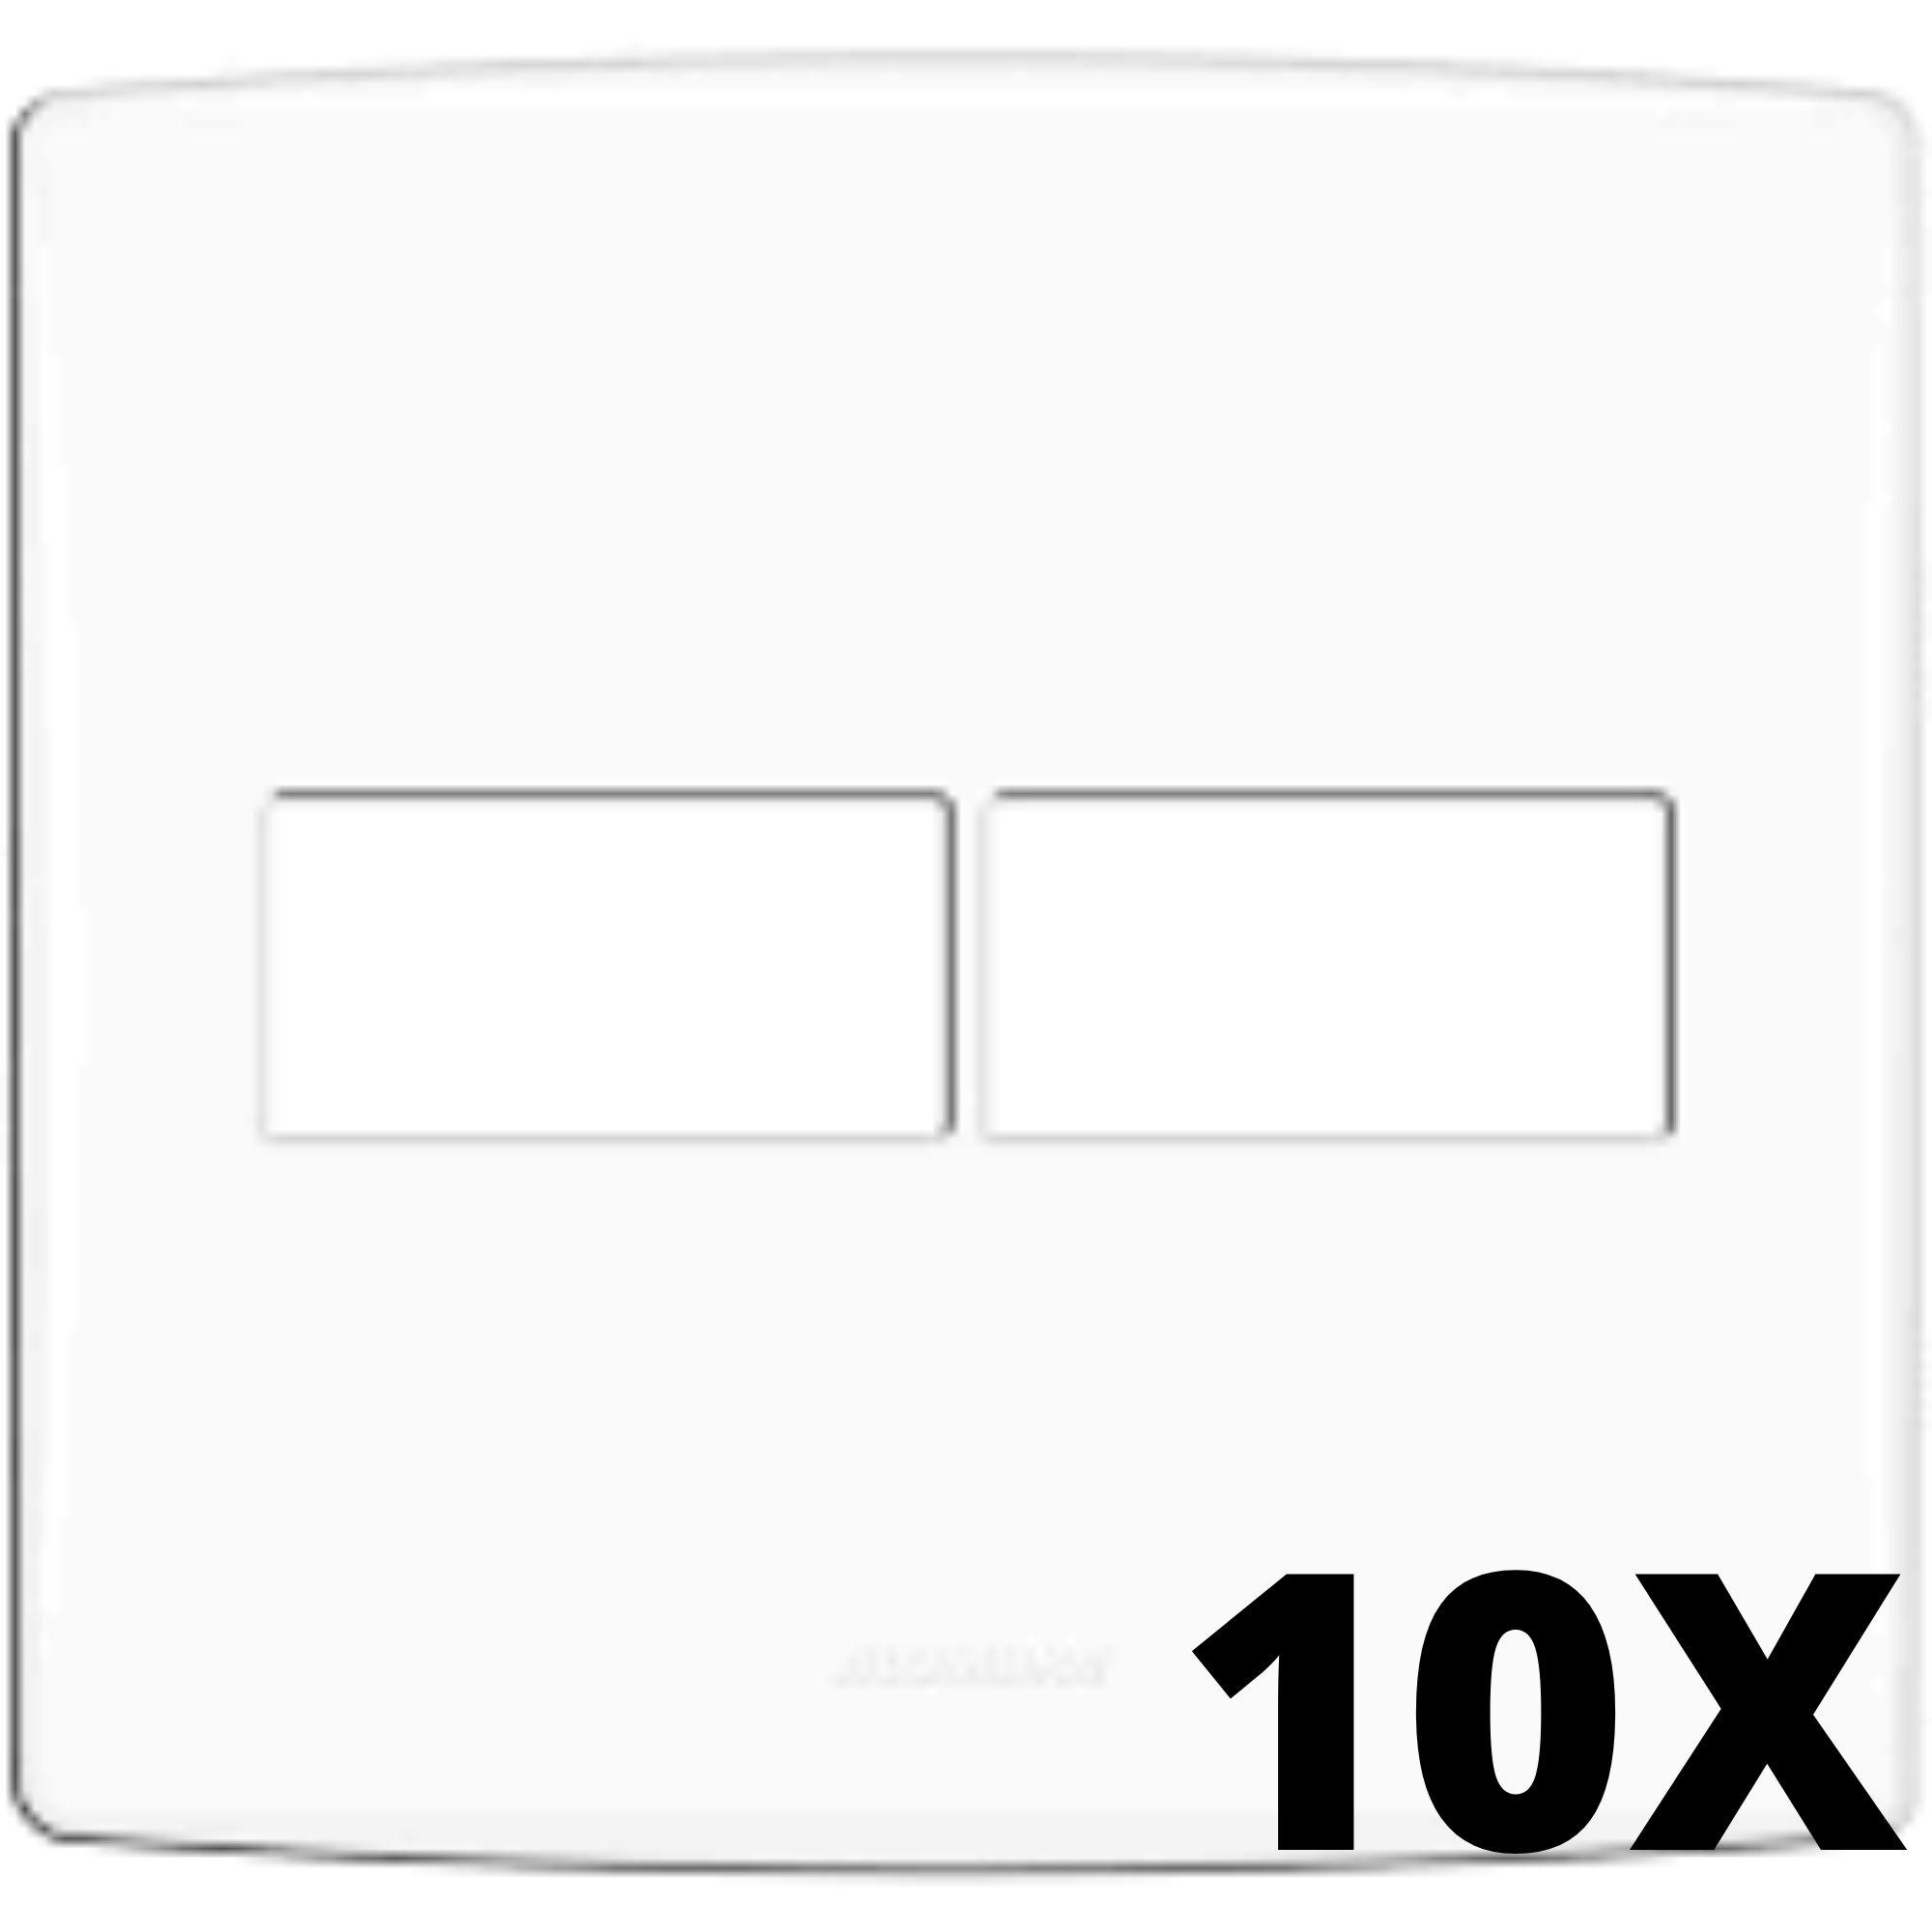 Kit 10 und Alumbra Bianco Pró Placa 4x4 1 Seção + 1 Seção